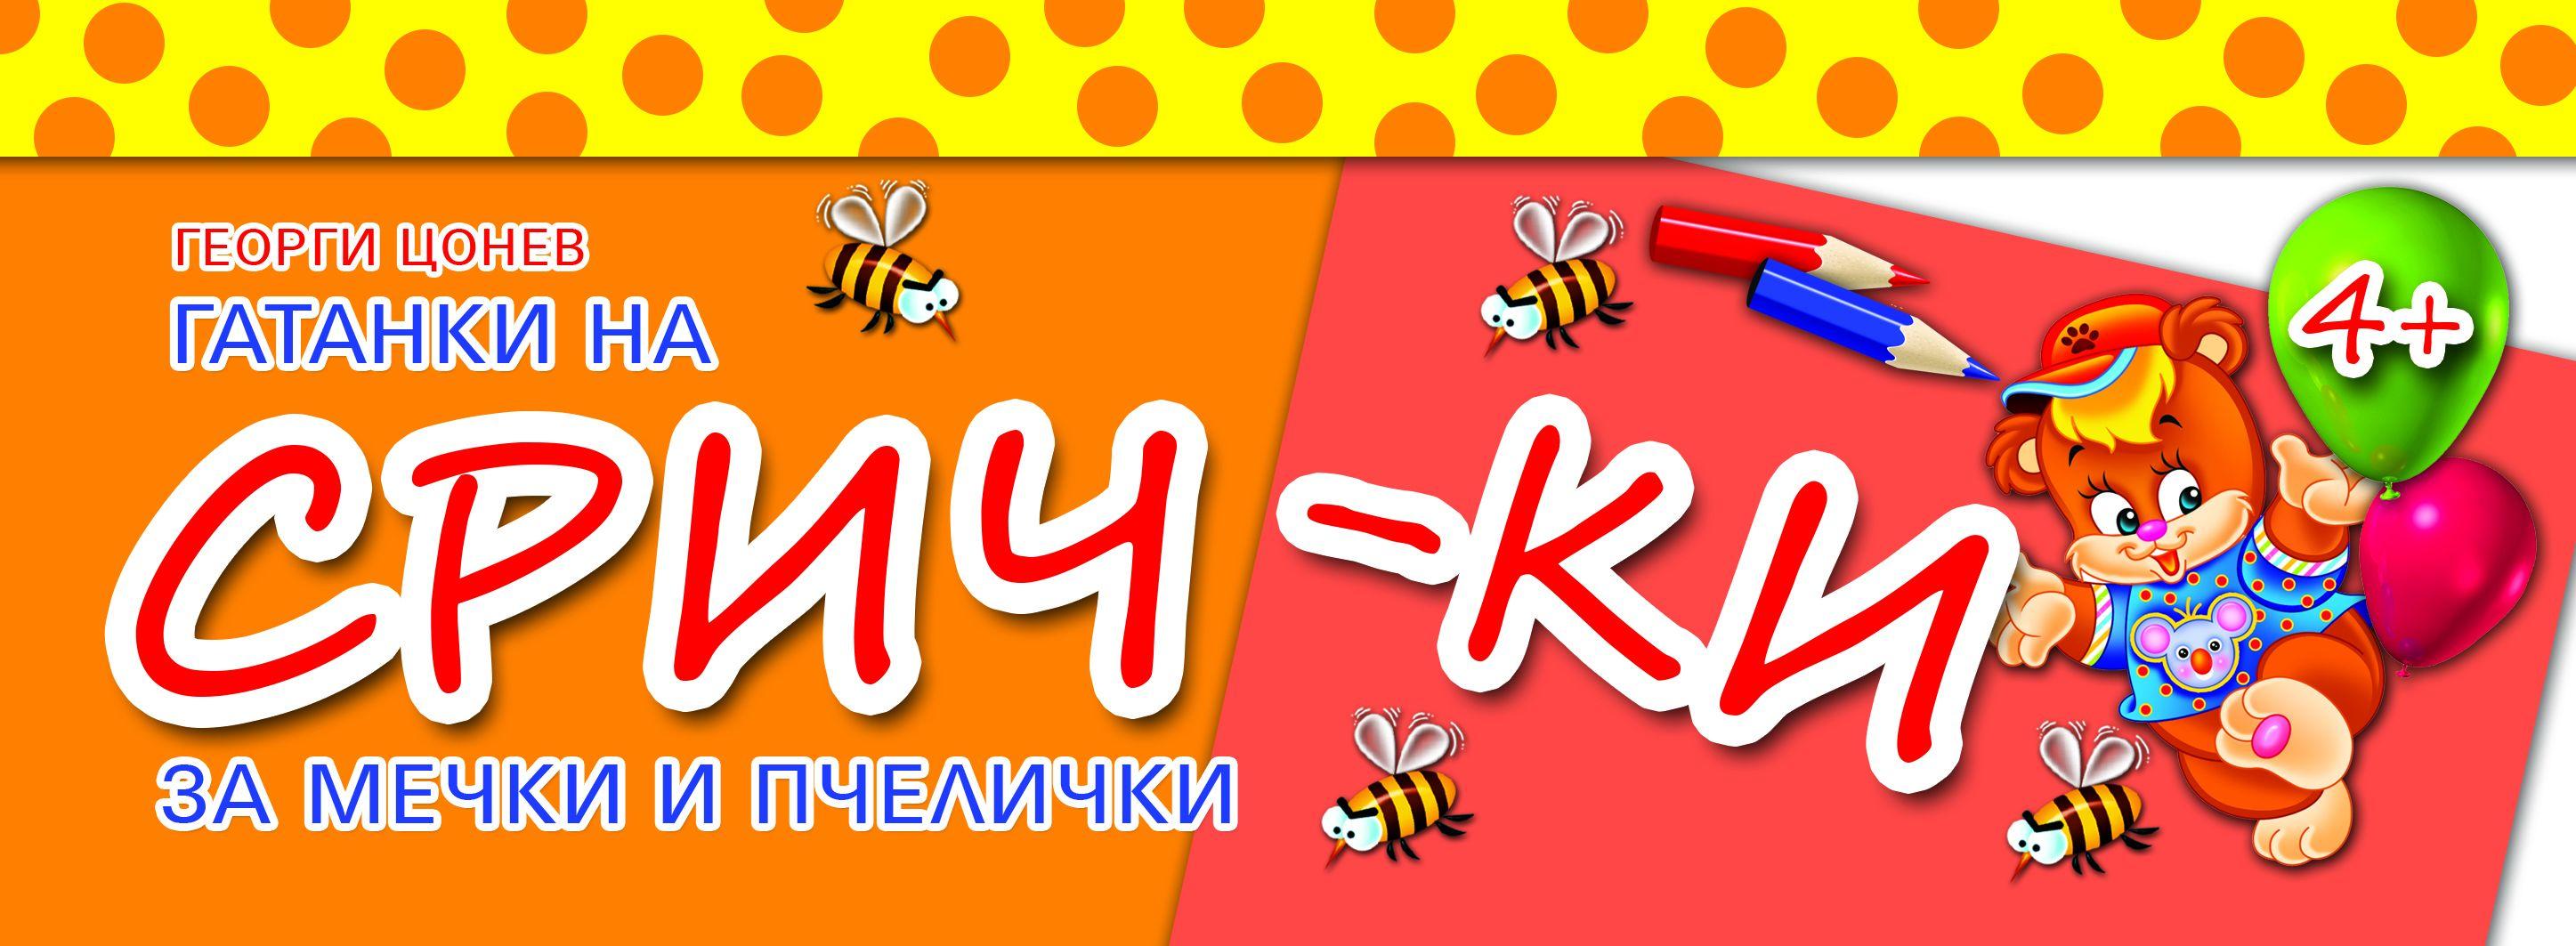 Гатанки на срички за мечки и пчелички - 1